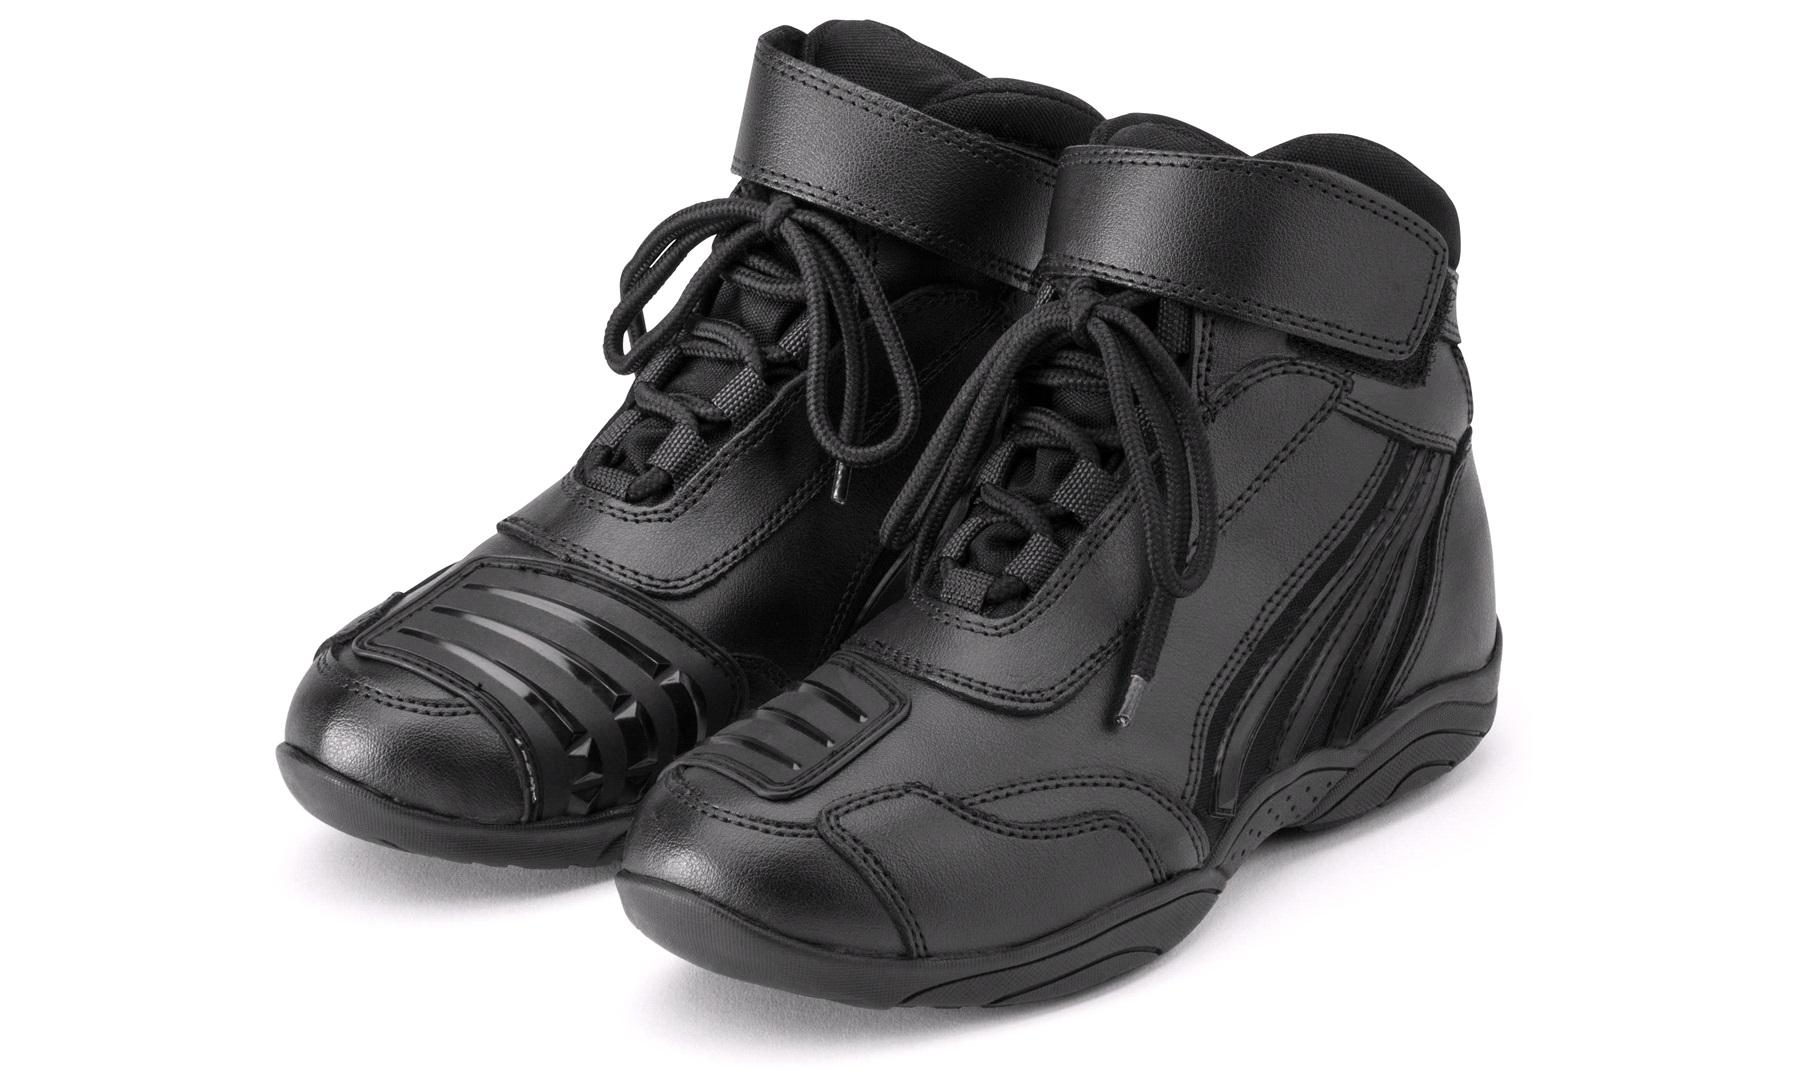 MC støvler korte 455, str. 44 MC støvler lav thansen.no